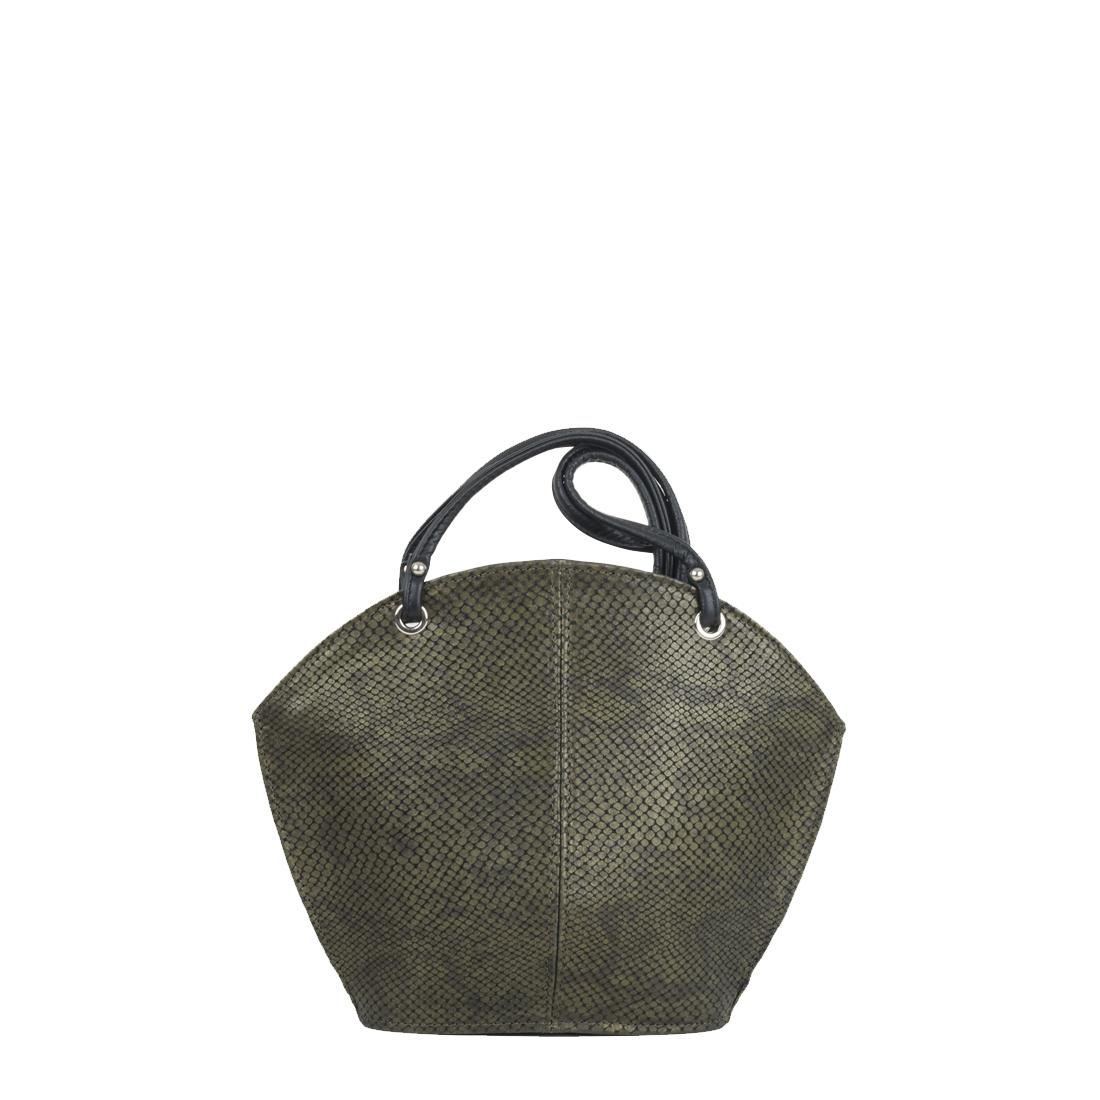 Ava Green Snake Print Leather Shoulder Bag